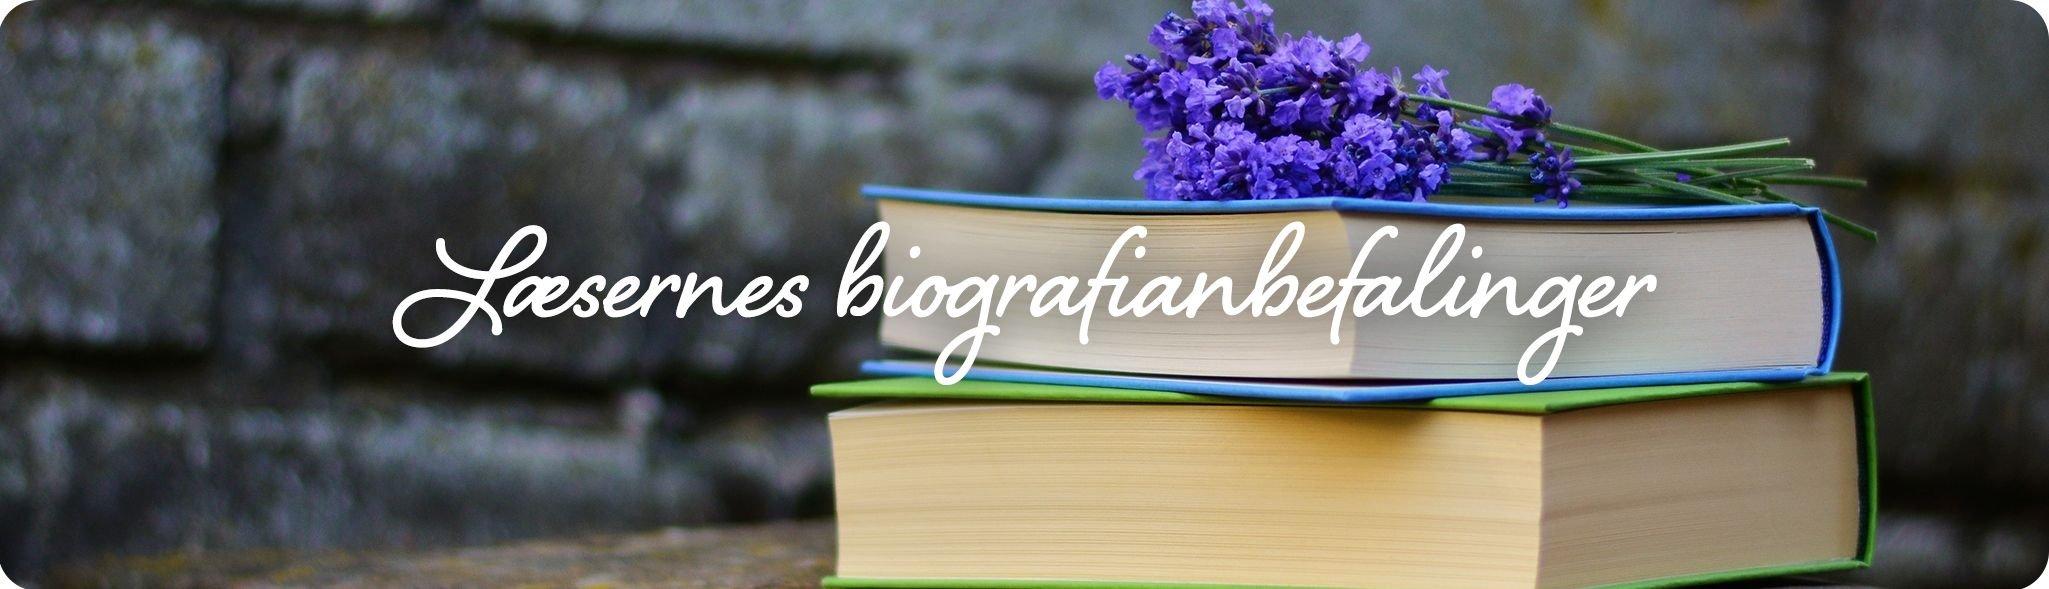 Læsernes biografianbefalinger